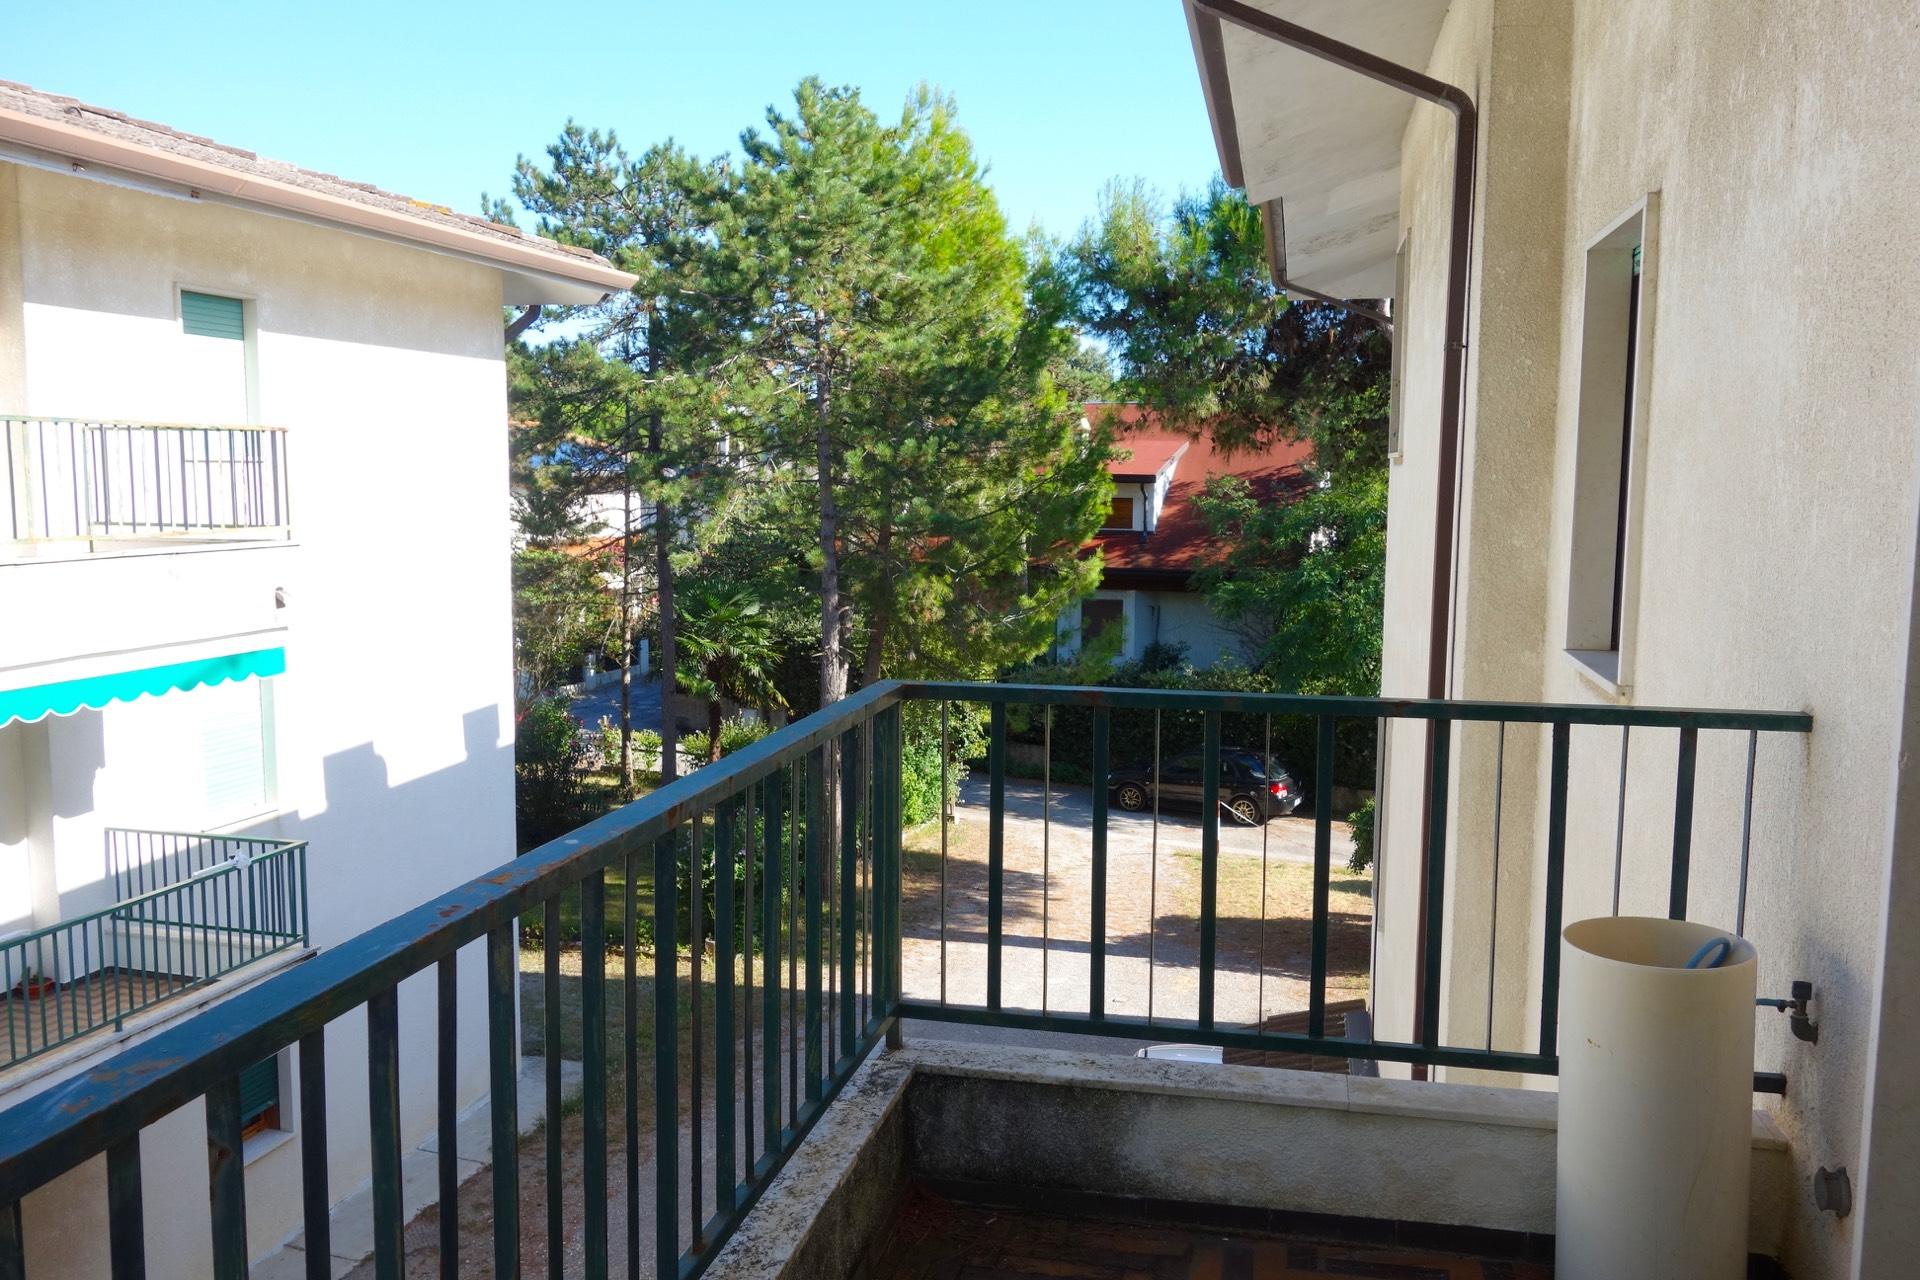 Appartamento in vendita a Grado, 2 locali, zona ta, prezzo € 64.000   PortaleAgenzieImmobiliari.it